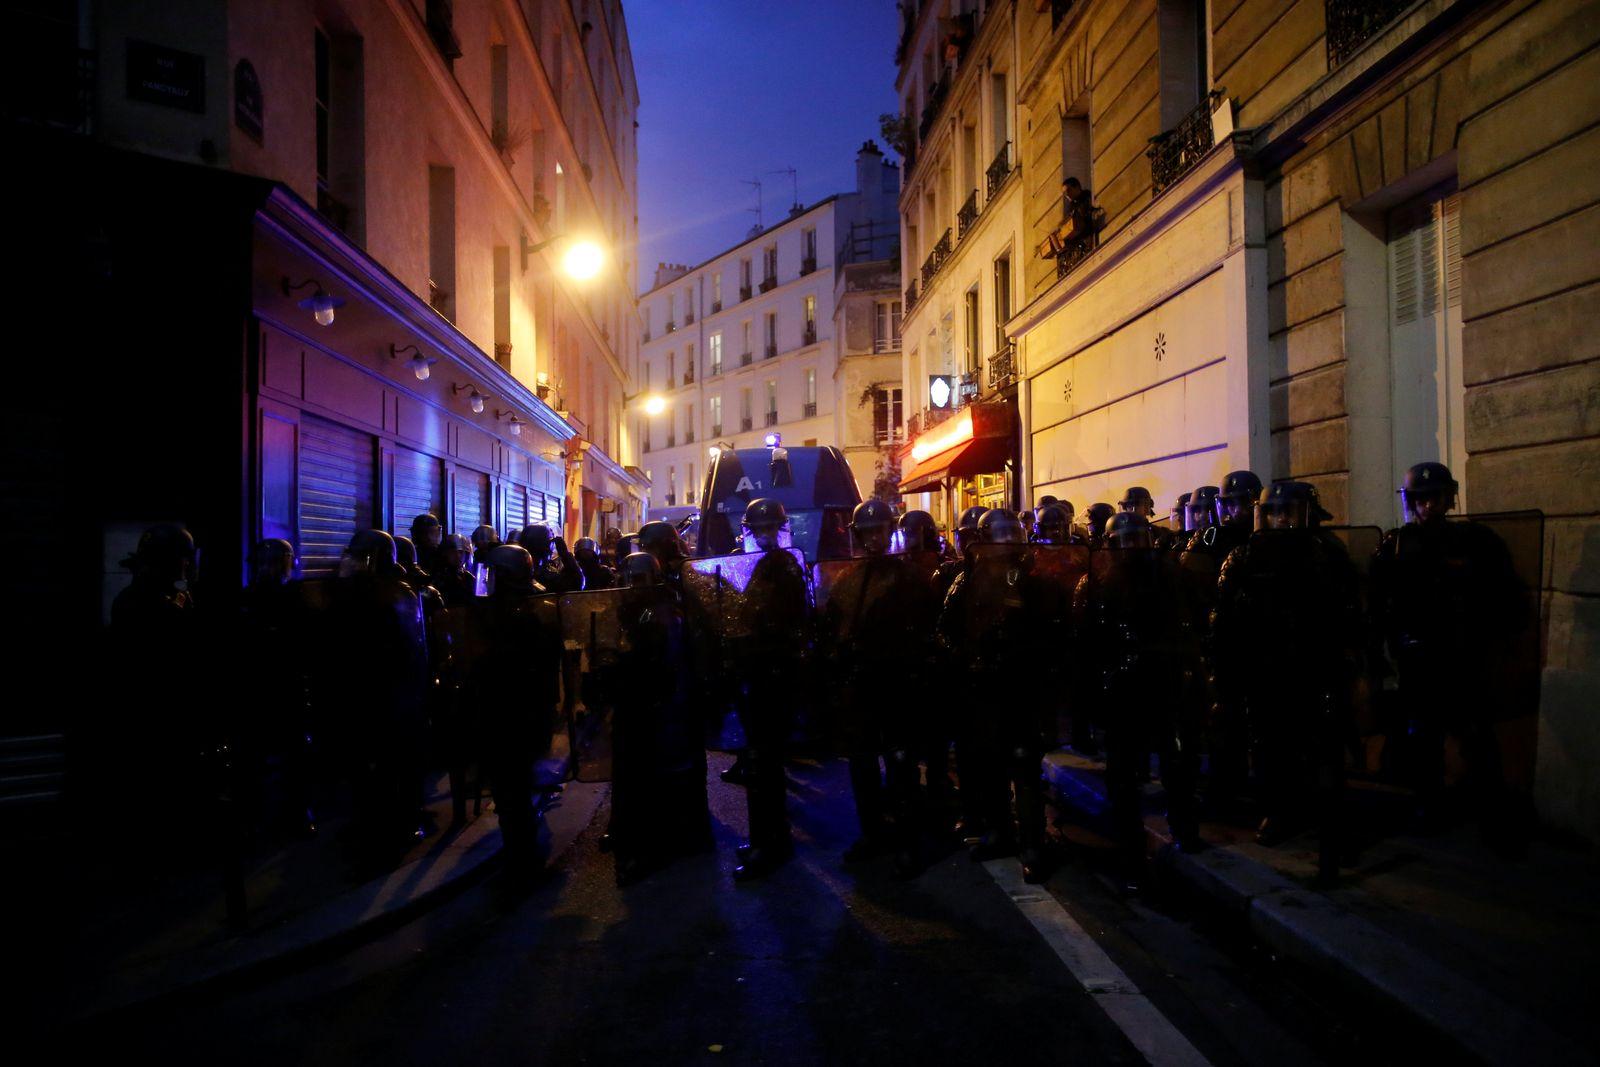 Präsidentenwahl/ Frankreich/ 2017/ Polizisten/ Demonstration